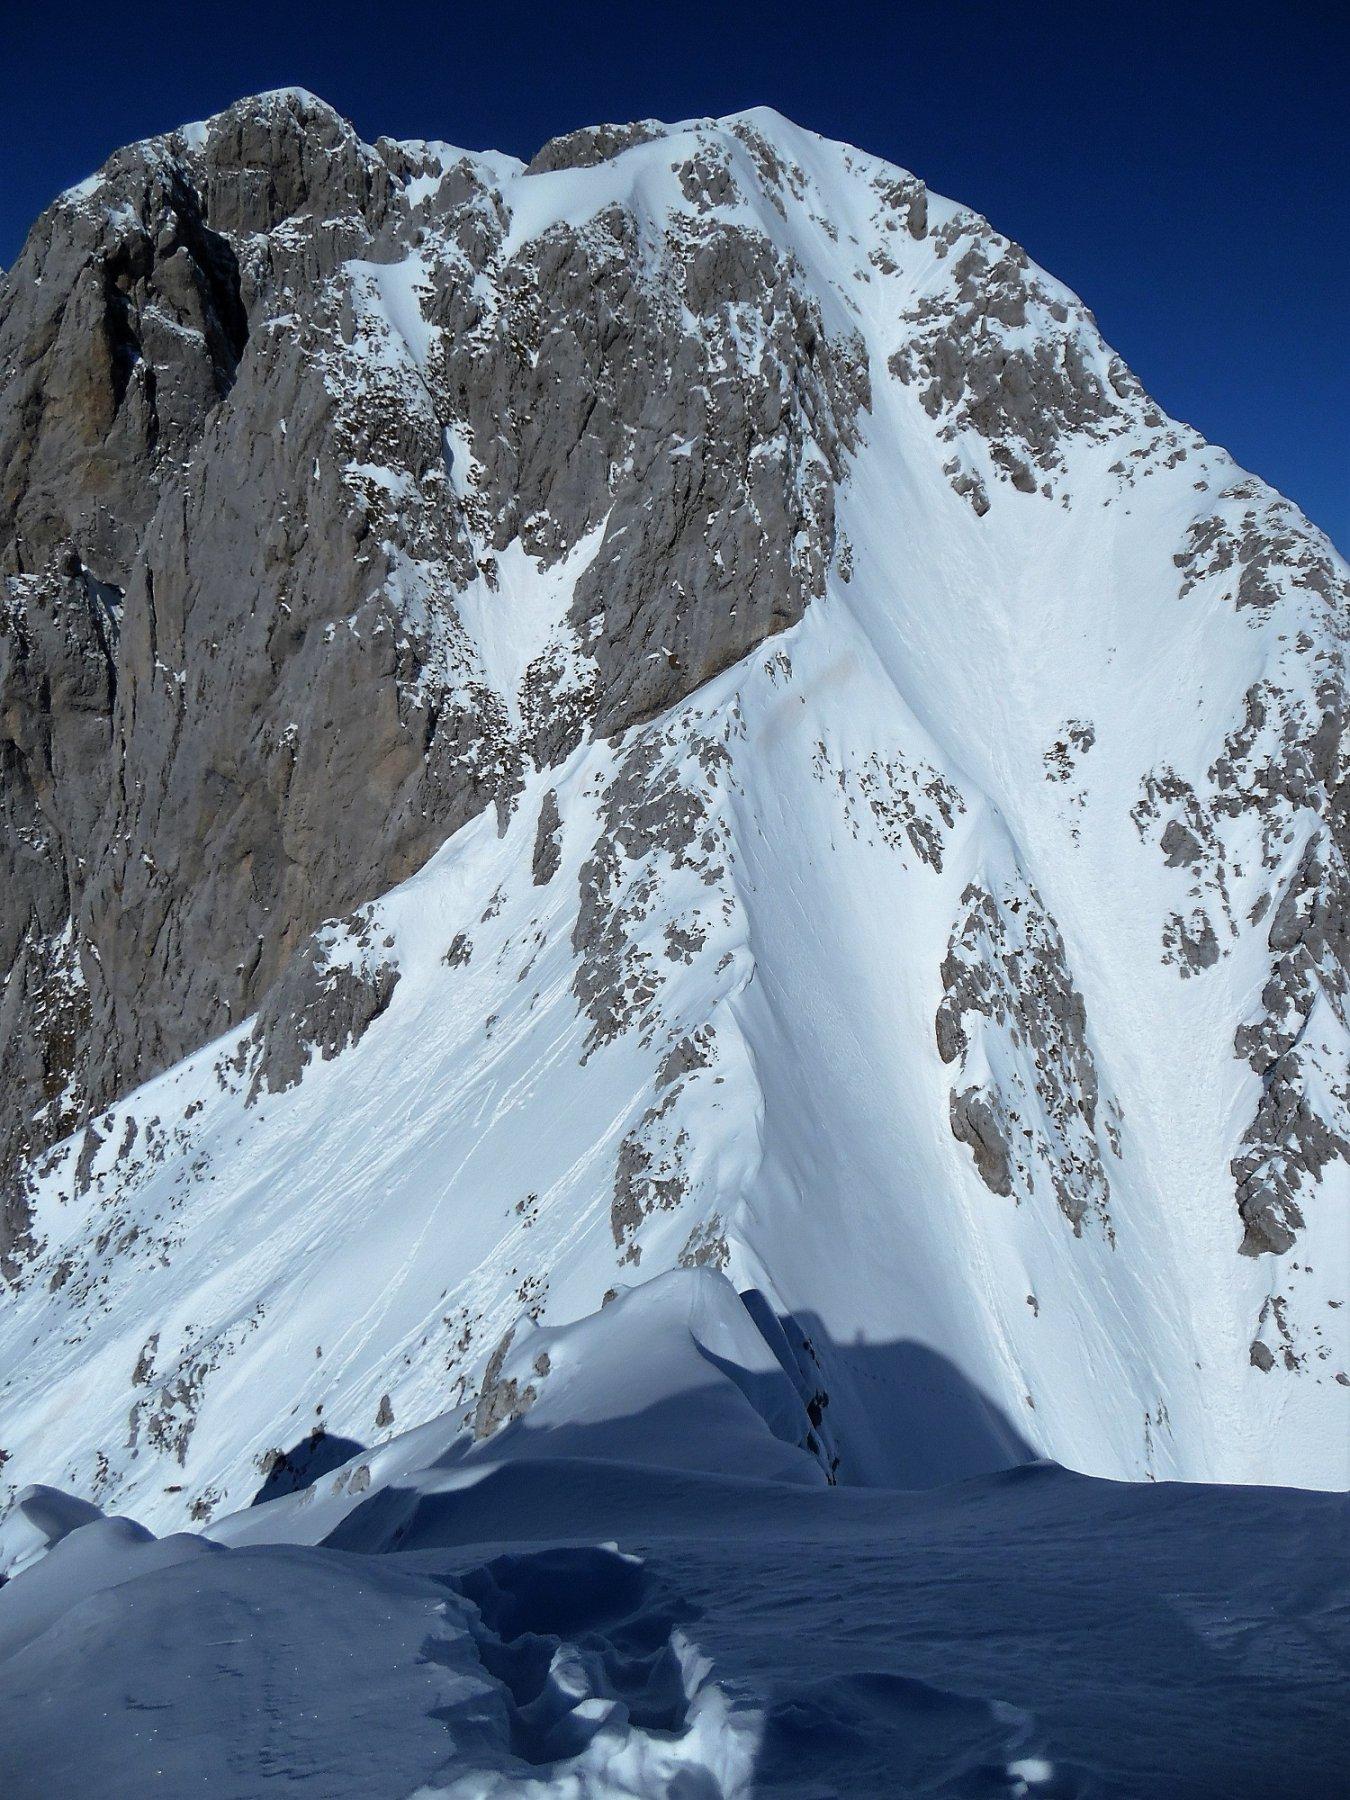 Passo e cresta innevata tra il Visòlo e la Presolana Orientale